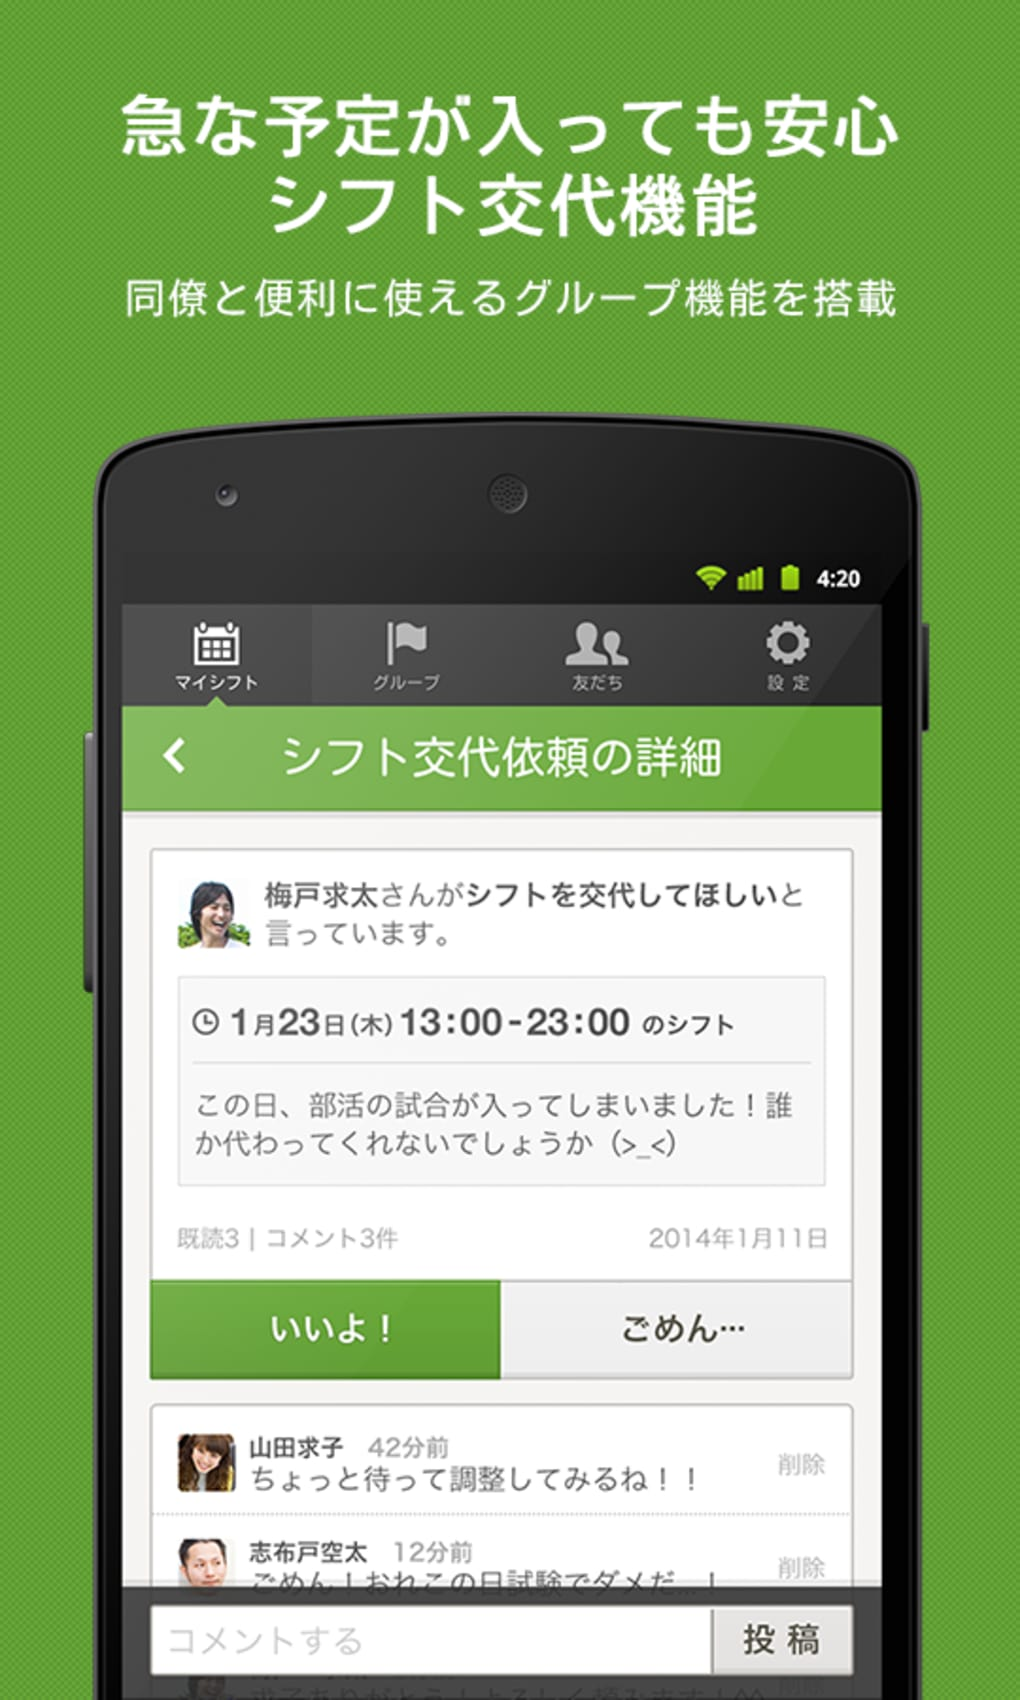 チケット ボード アプリ ダウンロード